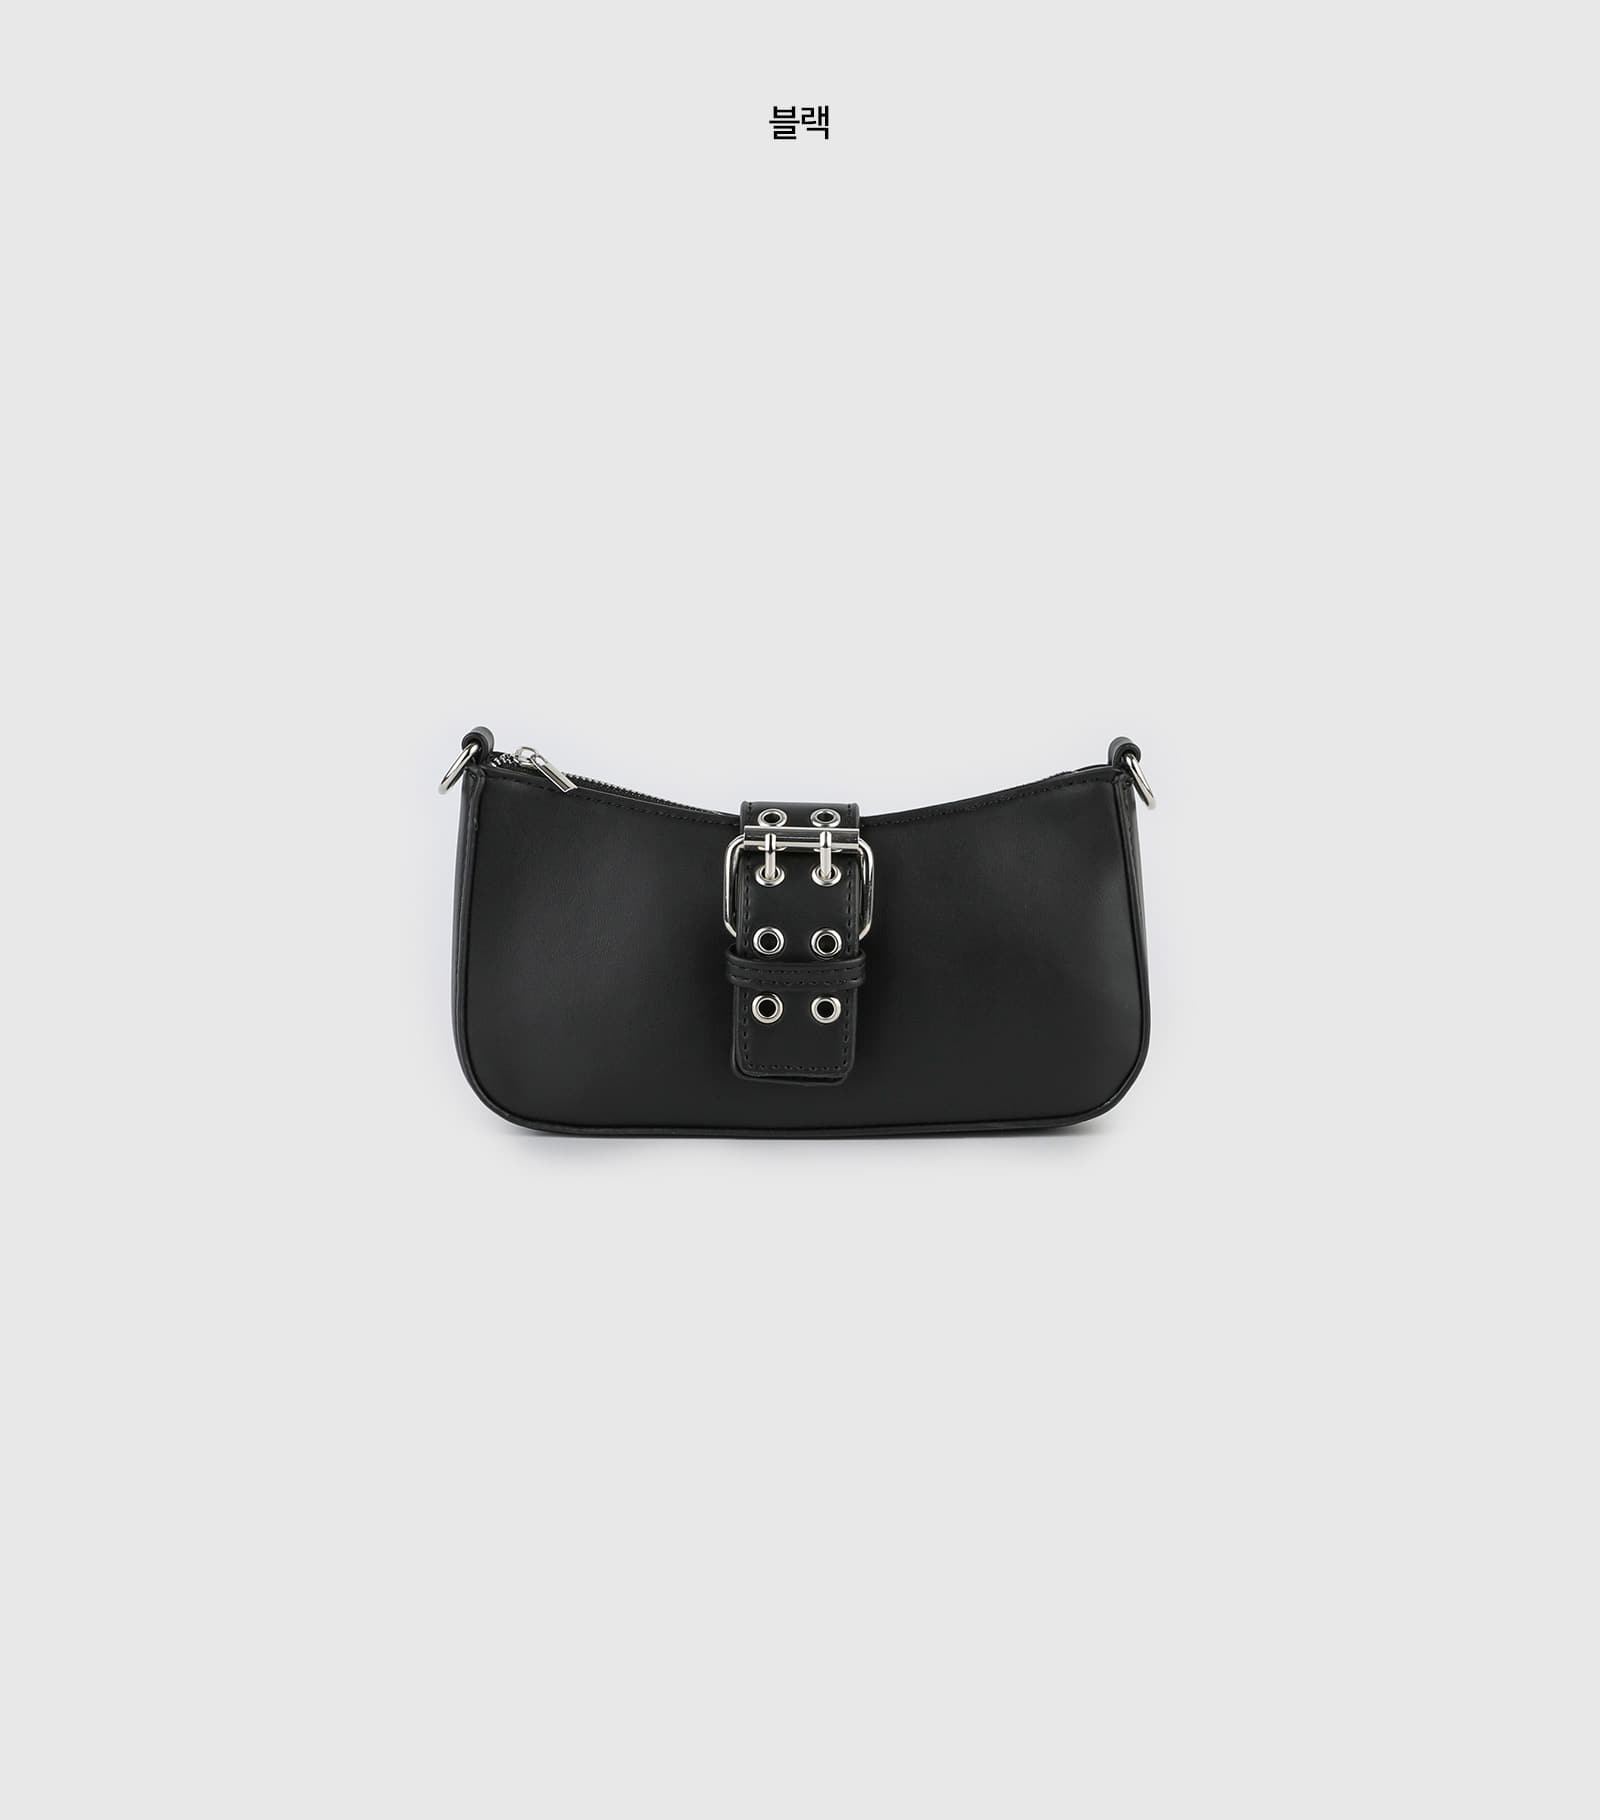 Belt buckle saddle shoulder bag